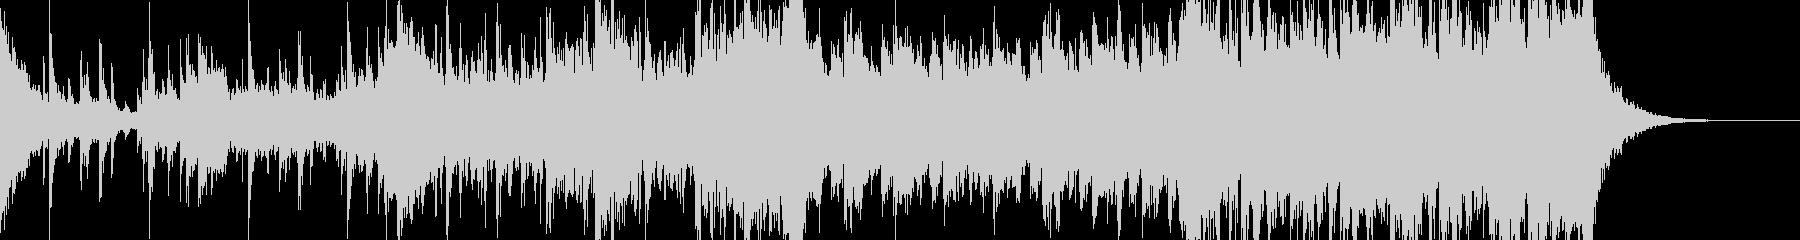 ストリング主体のシネマティックなジングルの未再生の波形